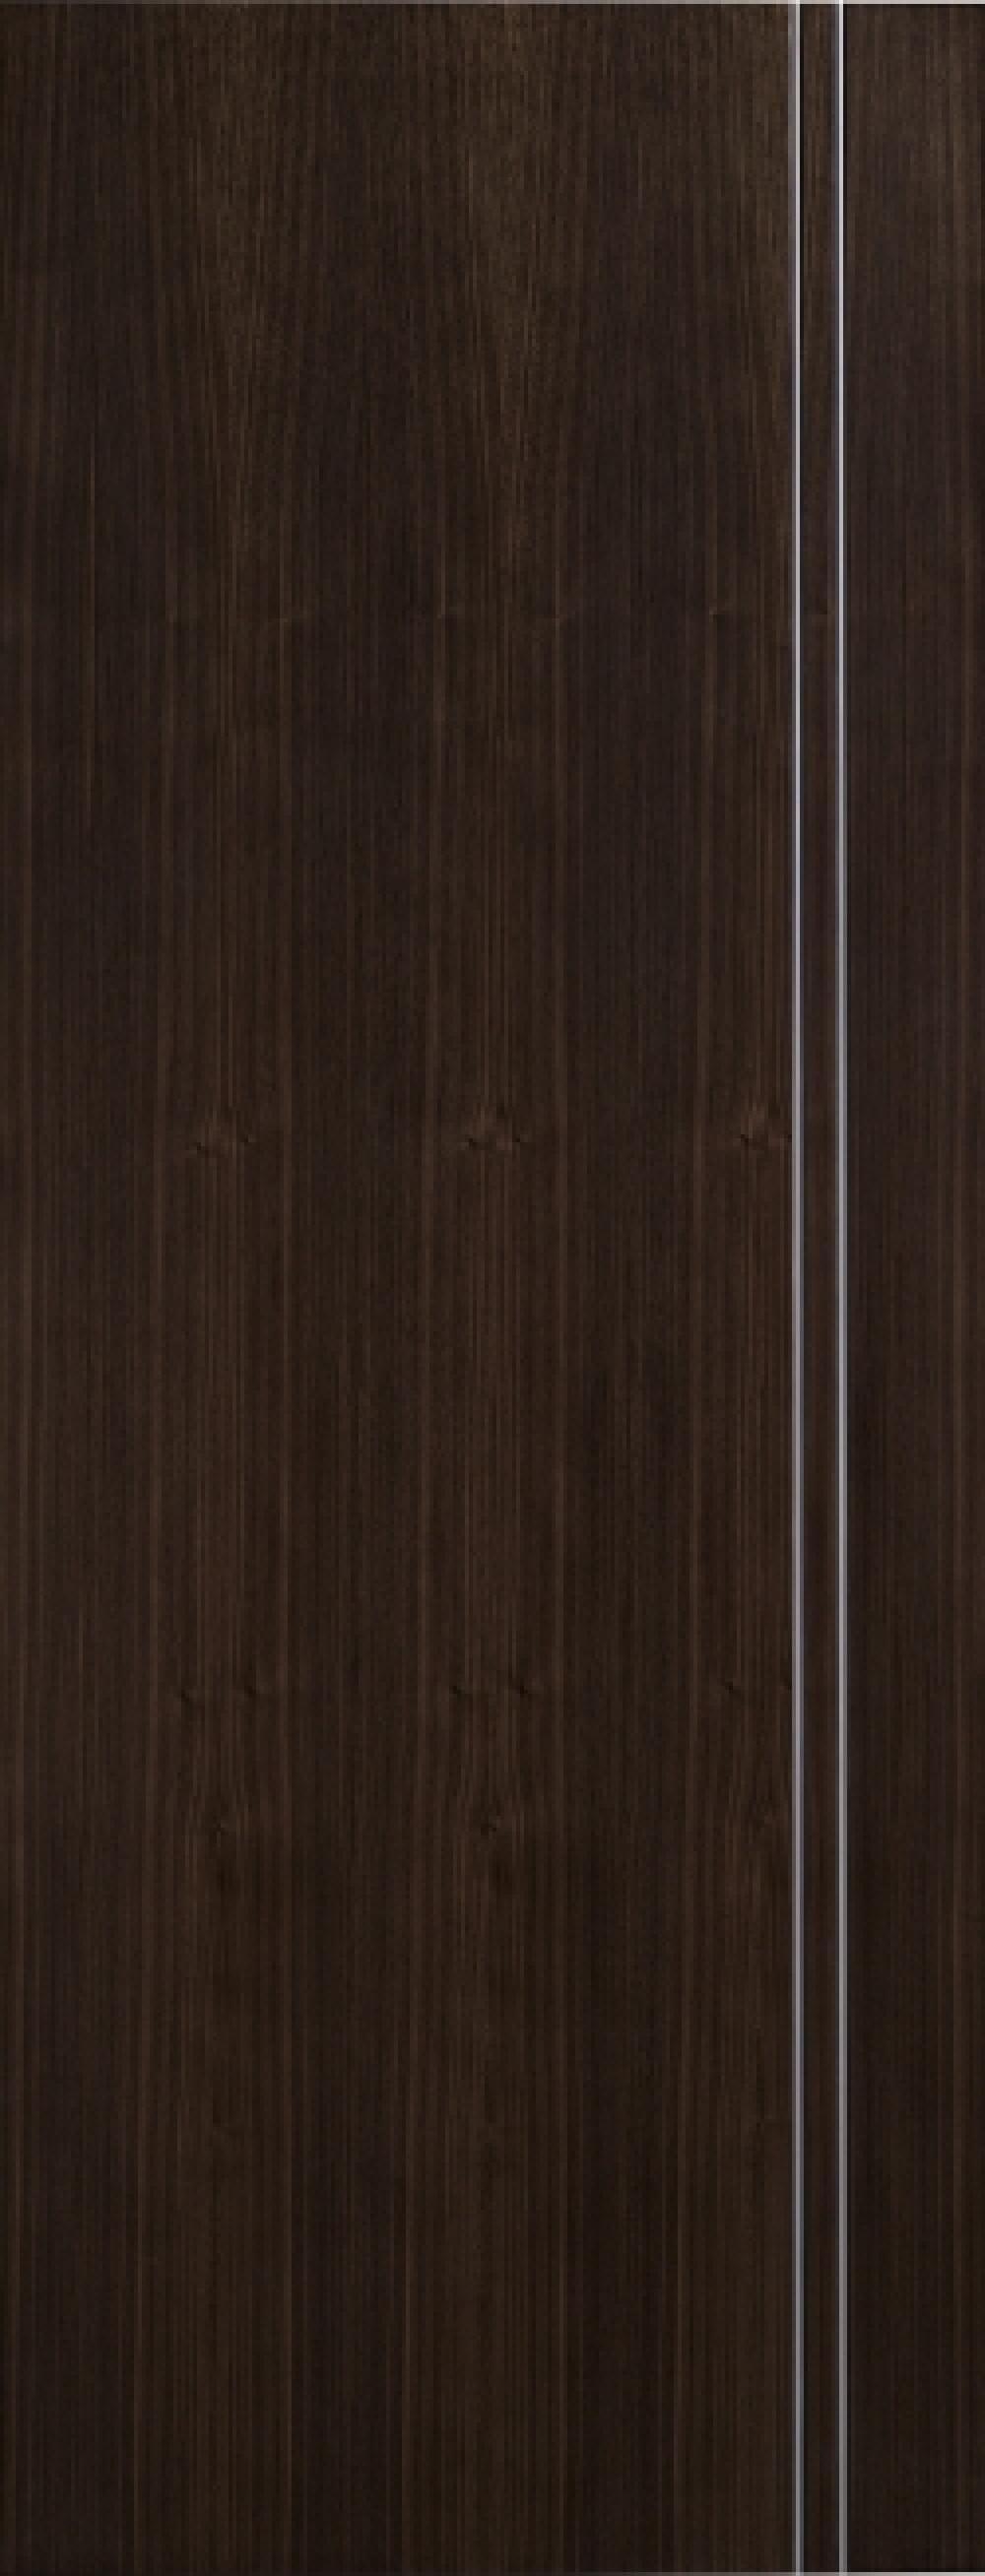 Sierra Walnut Door Image